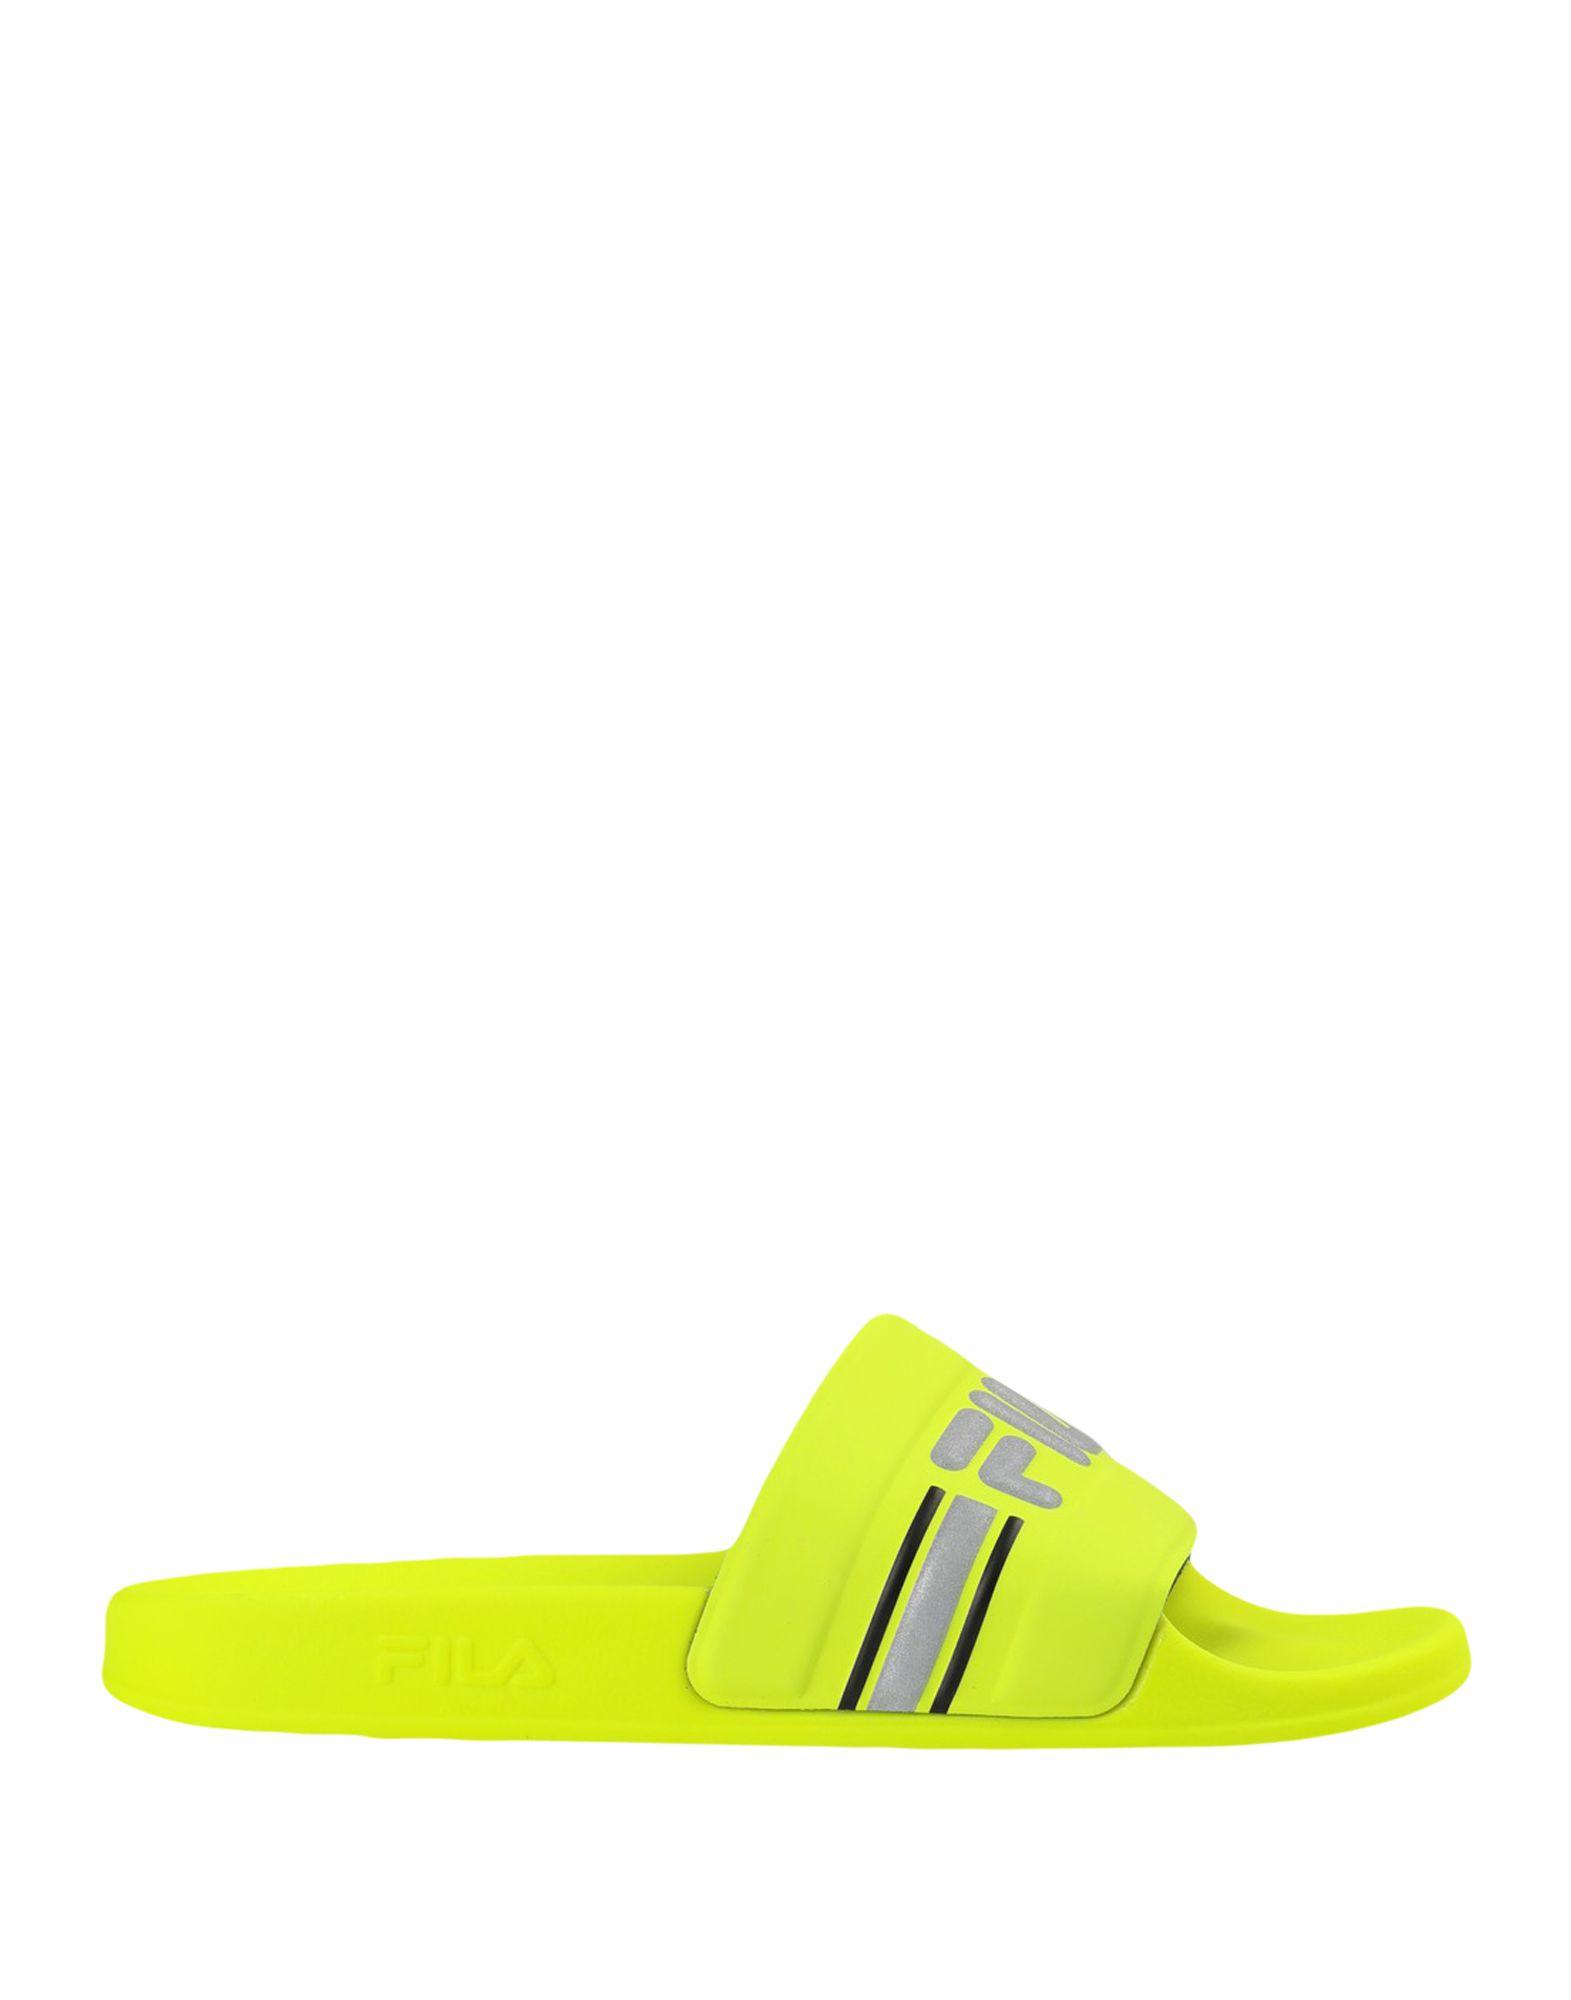 《セール開催中》FILA レディース サンダル ビタミングリーン 38 紡績繊維 Oceano Neon Slipper